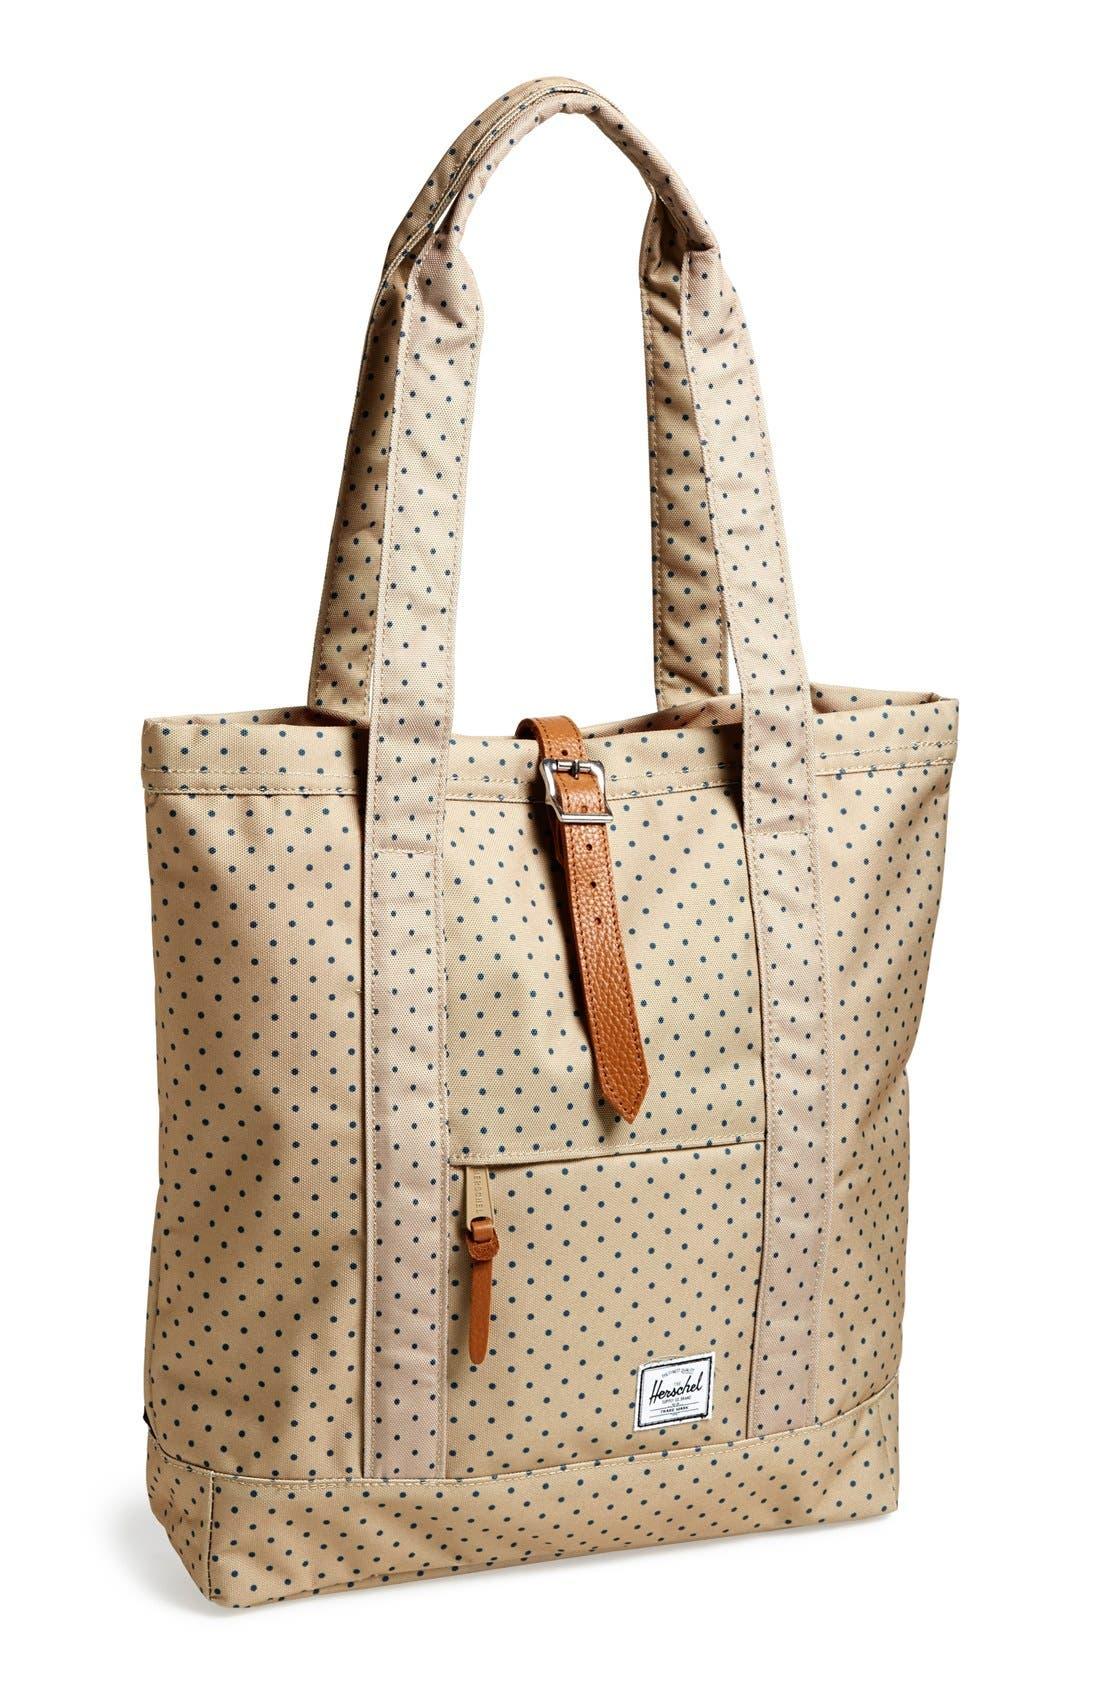 Alternate Image 1 Selected - Herschel Supply Co. 'Market' Tote Bag